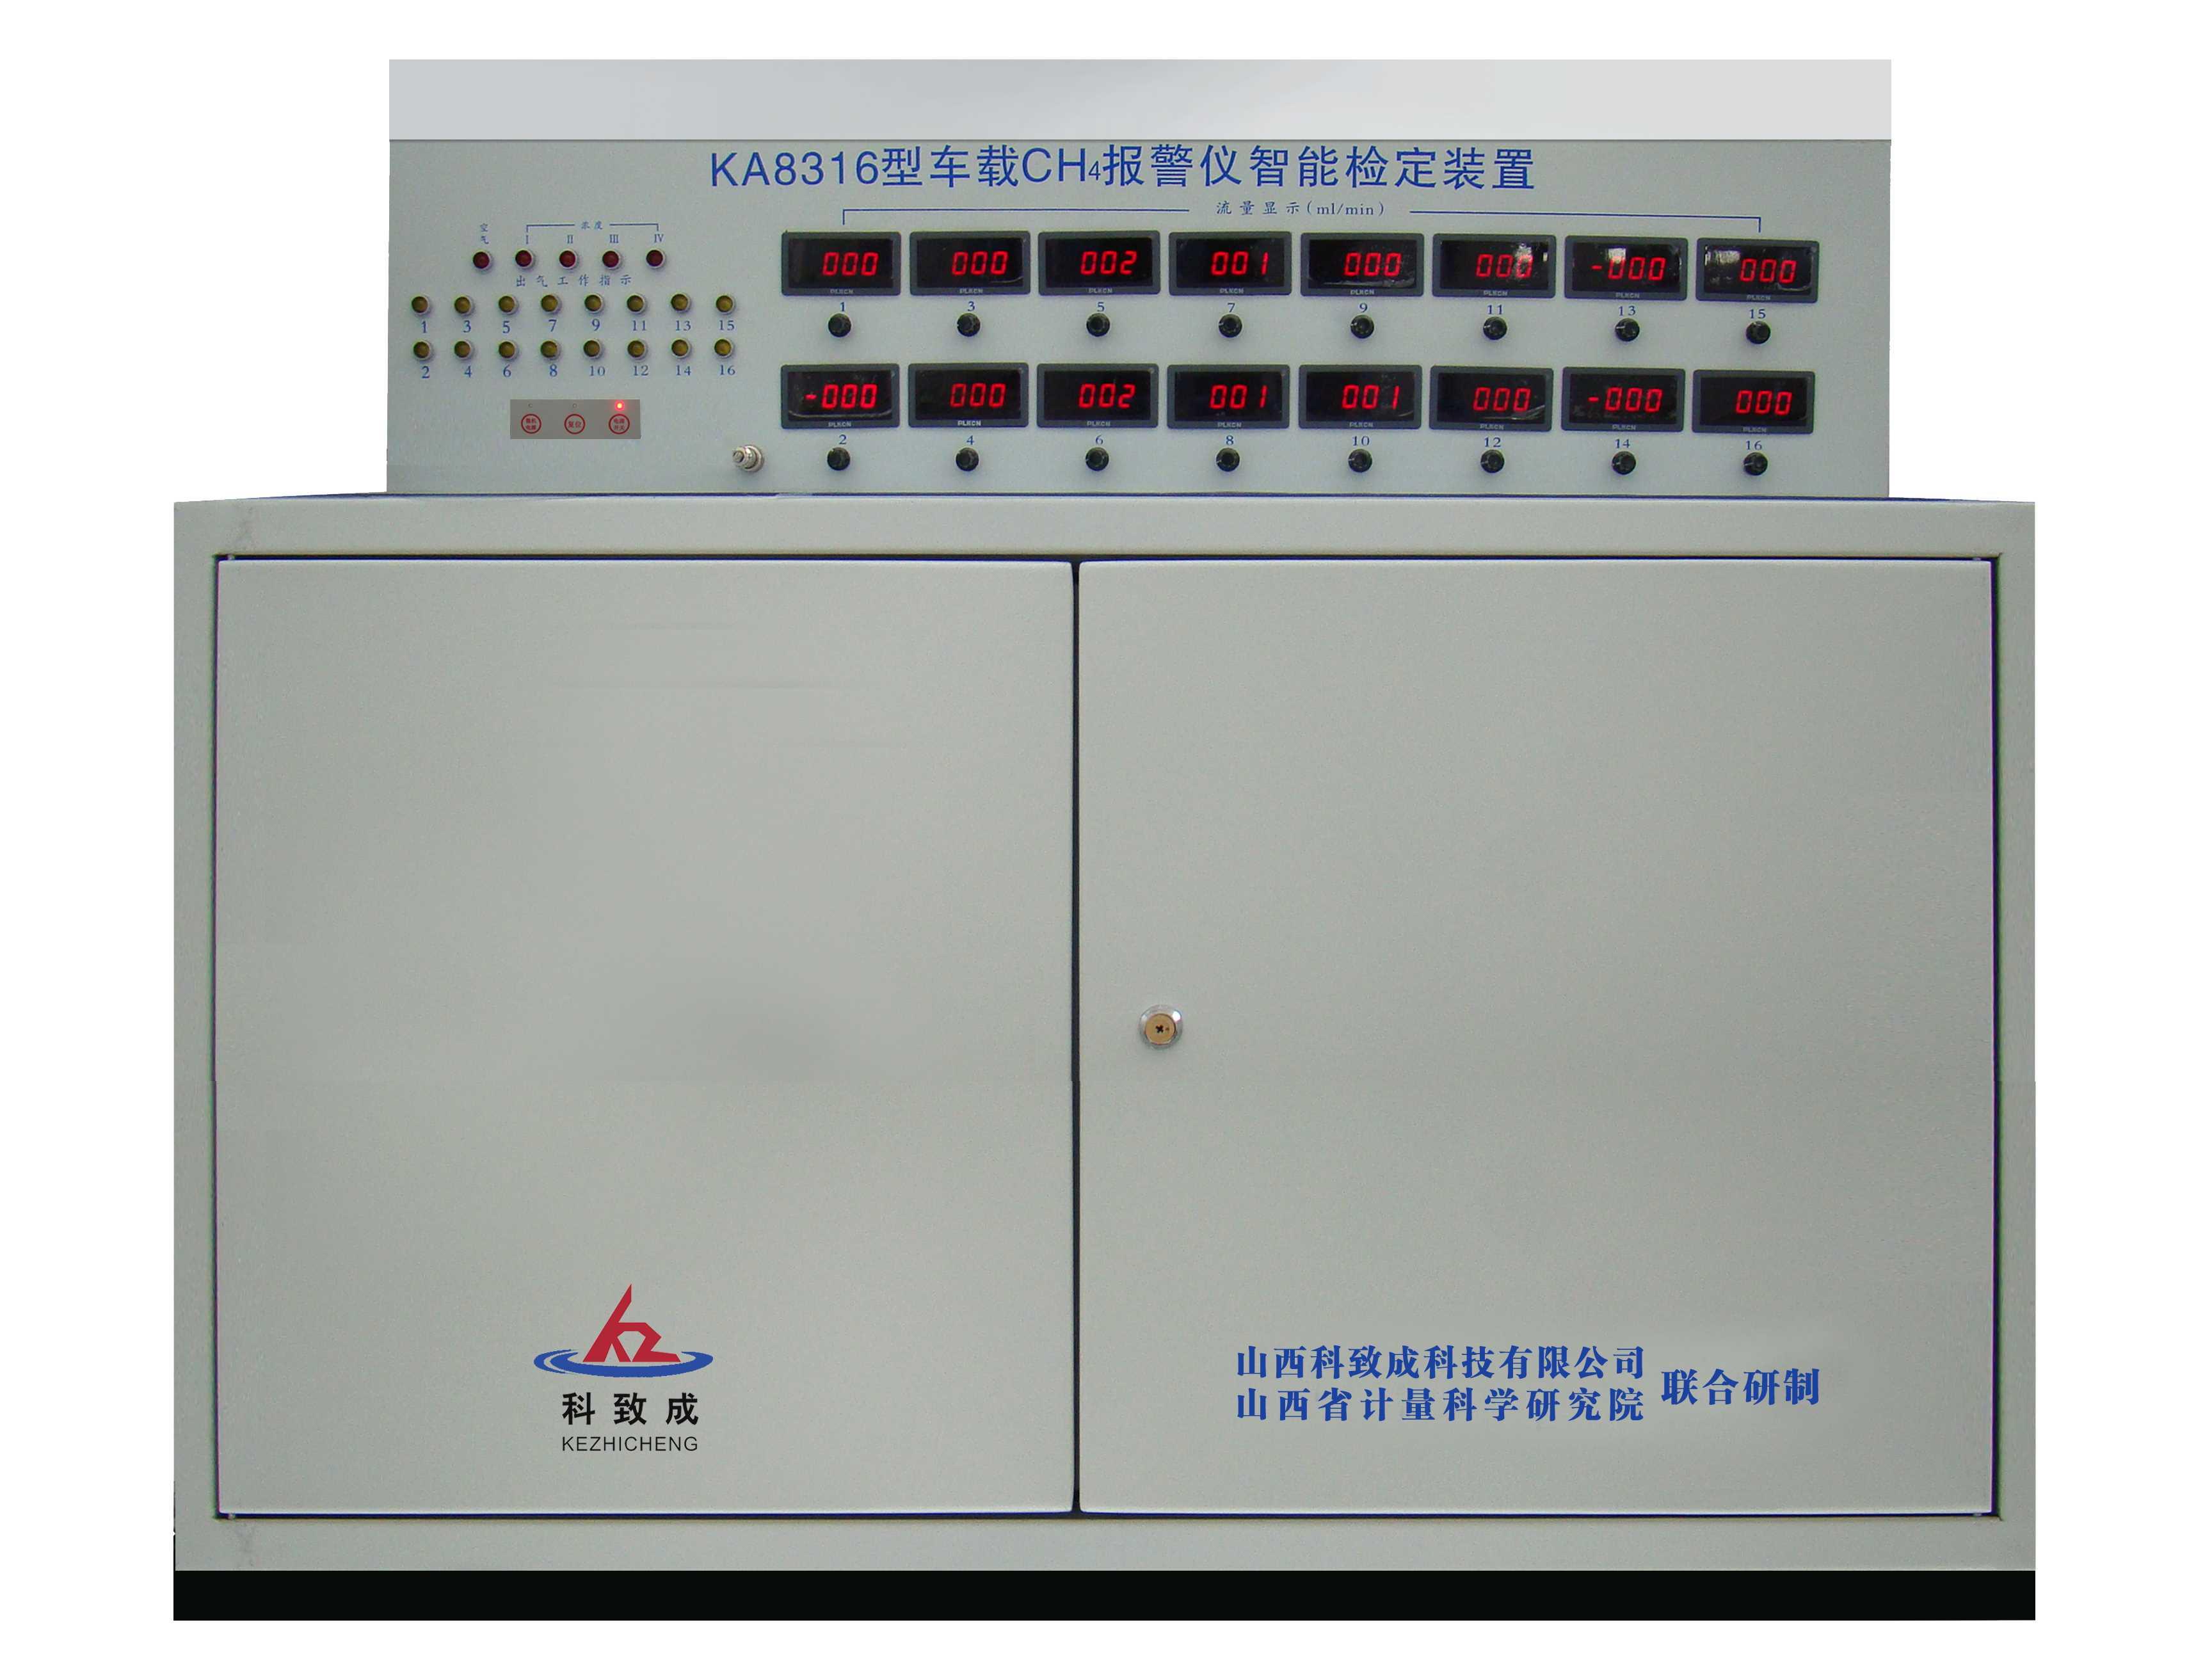 KA8316型车载甲烷报警仪智能必威官网亚洲体育装置he